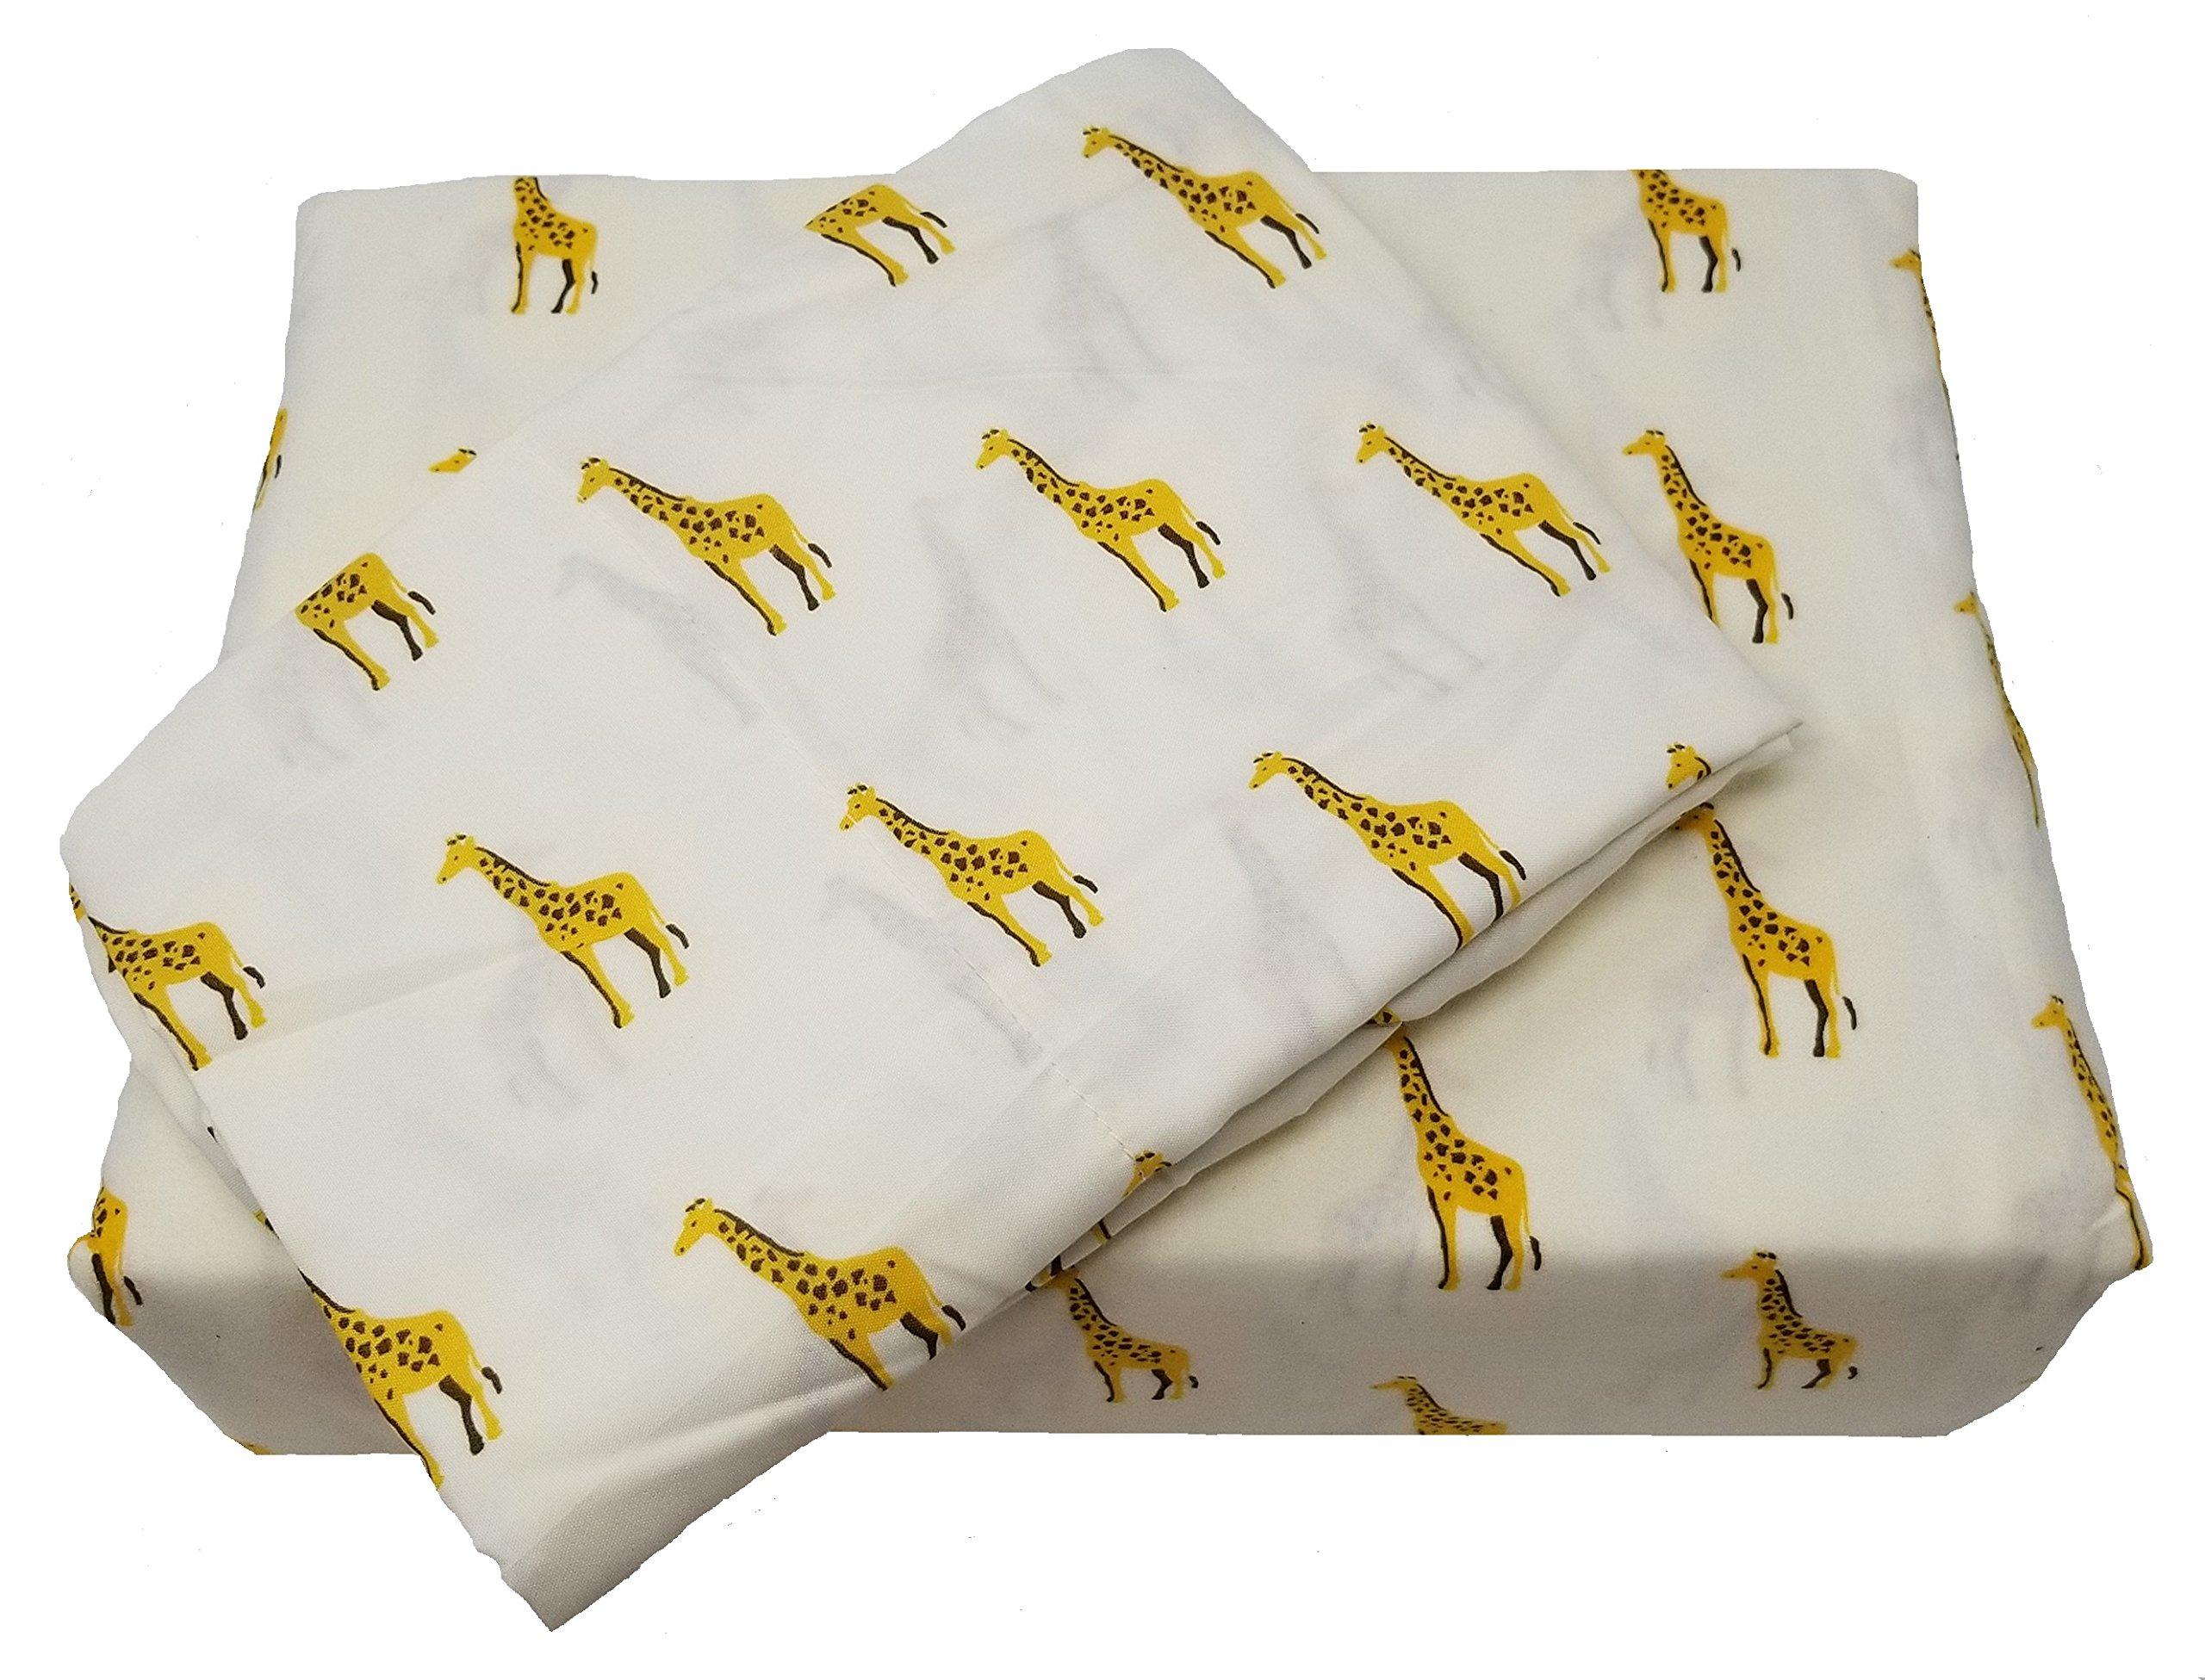 African Safari Giraffe 4pc King Size Microfiber Sheet Set by Safari Home Collection